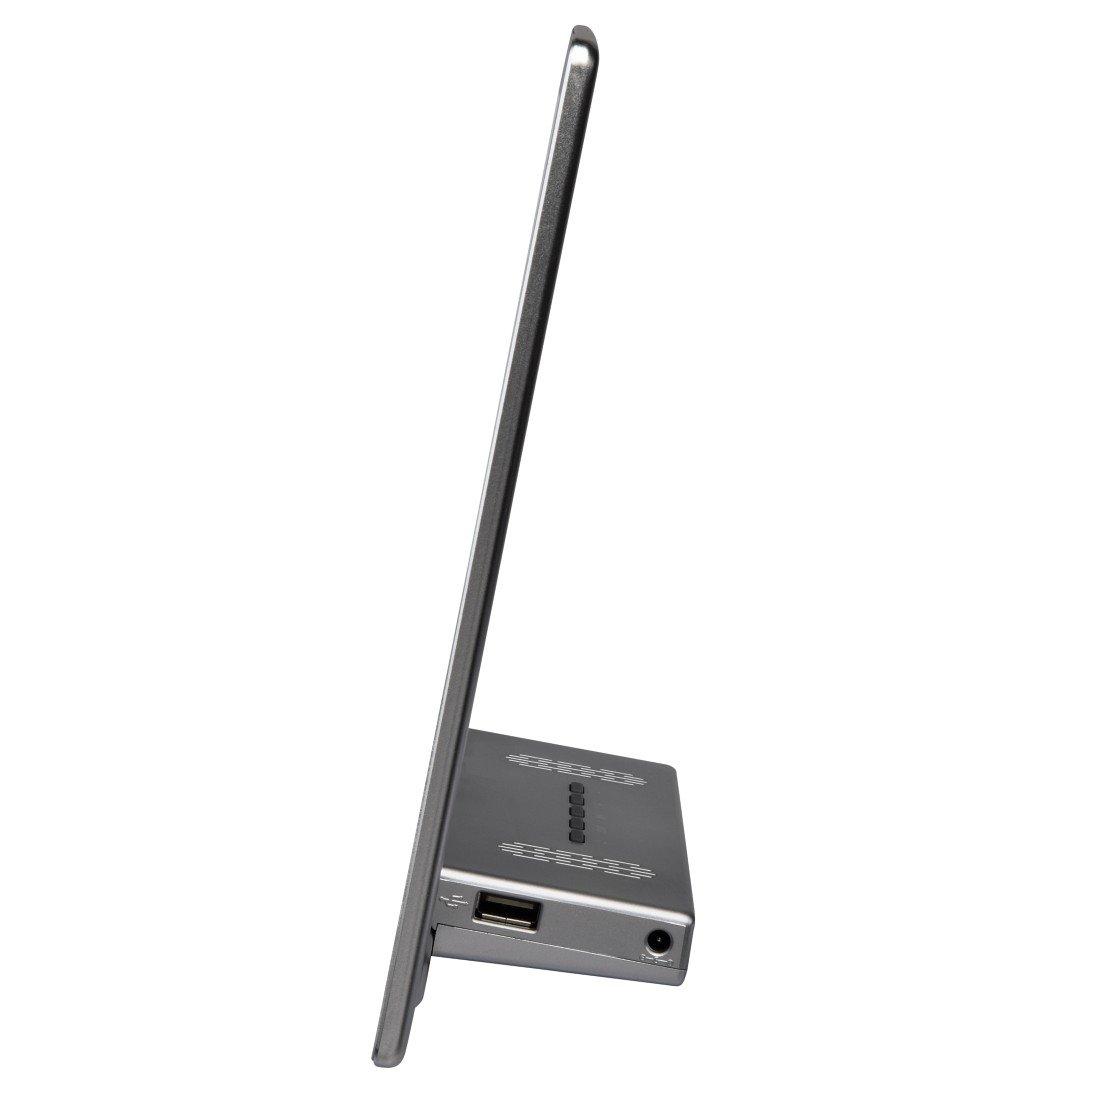 Hama Digitaler Bilderrahmen Slim Steel Full HD 13,3: Amazon.de: Kamera